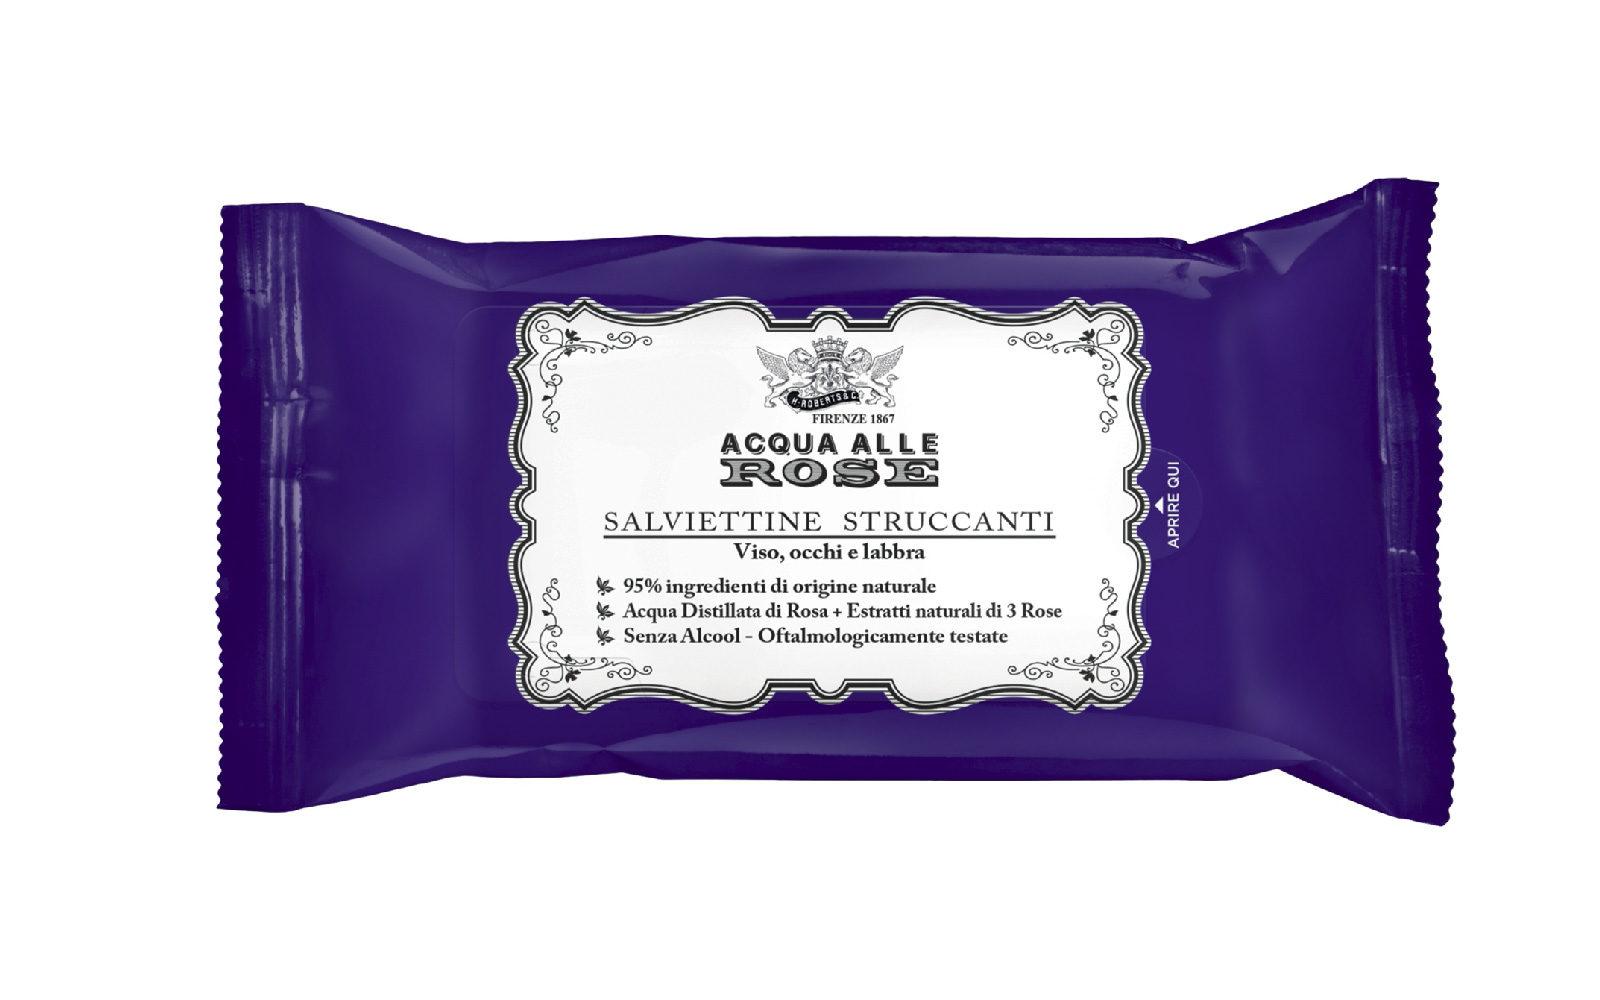 Le Salviettine Struccanti Acqua Alle Rose Manetti & Roberts diventano prêt-à-porter (grande distribuzione, 1,69 euro)